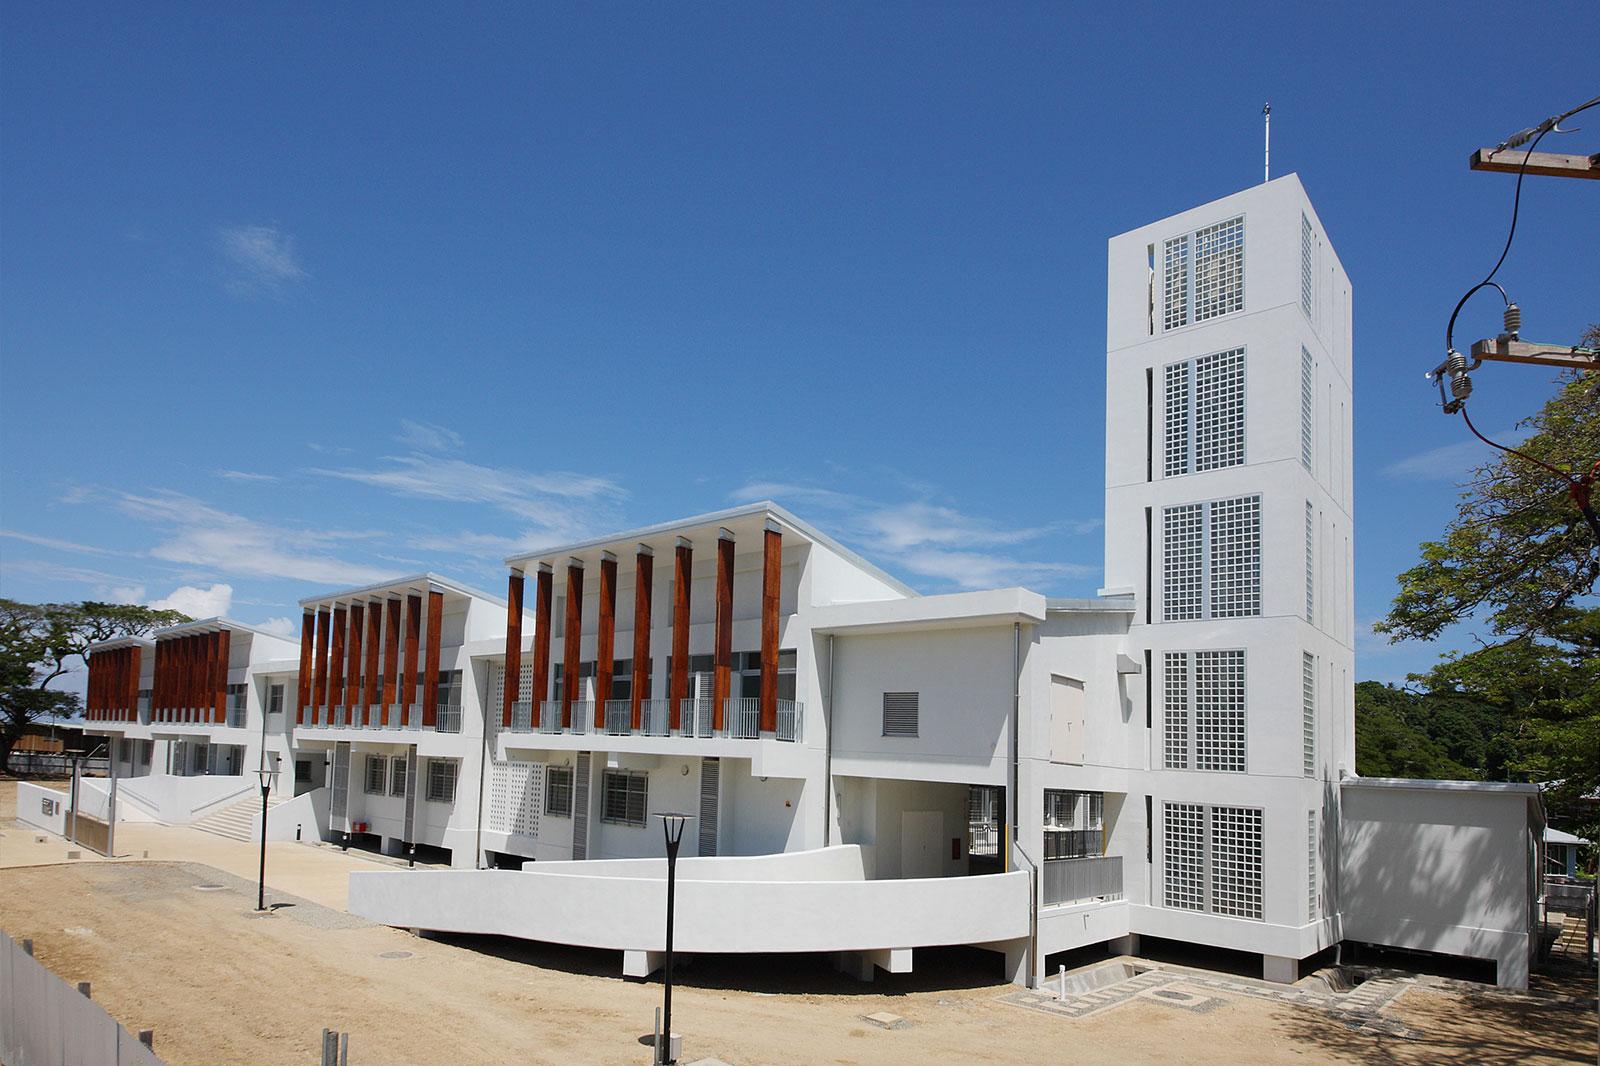 ソロモン諸島国 ギゾ病院 再建計画